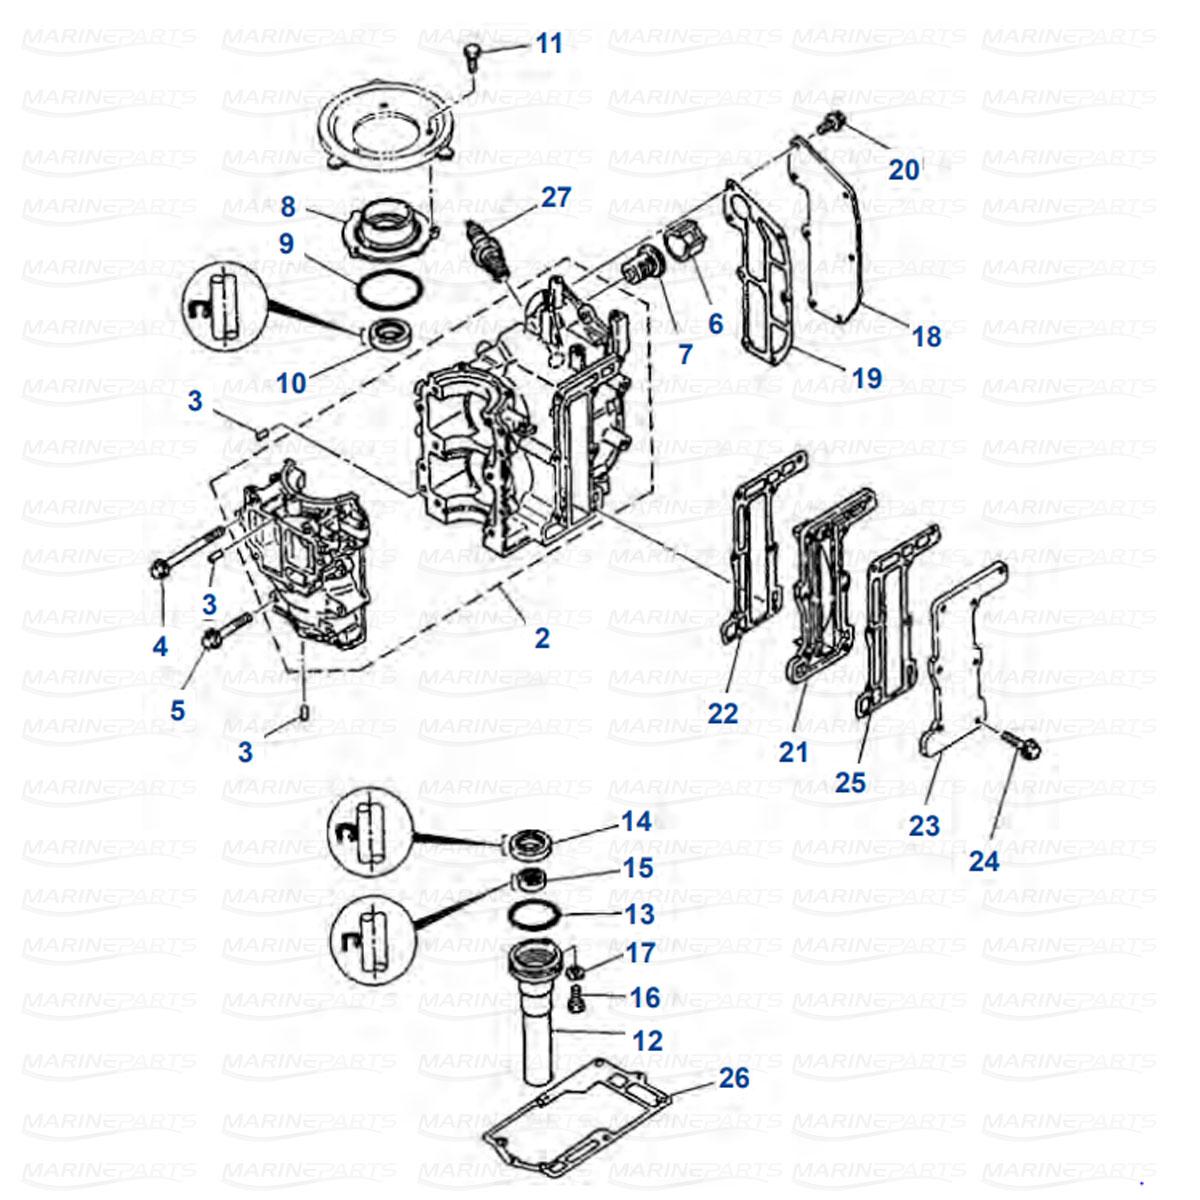 Engine Parts Yamaha 6C - 6D - 8D